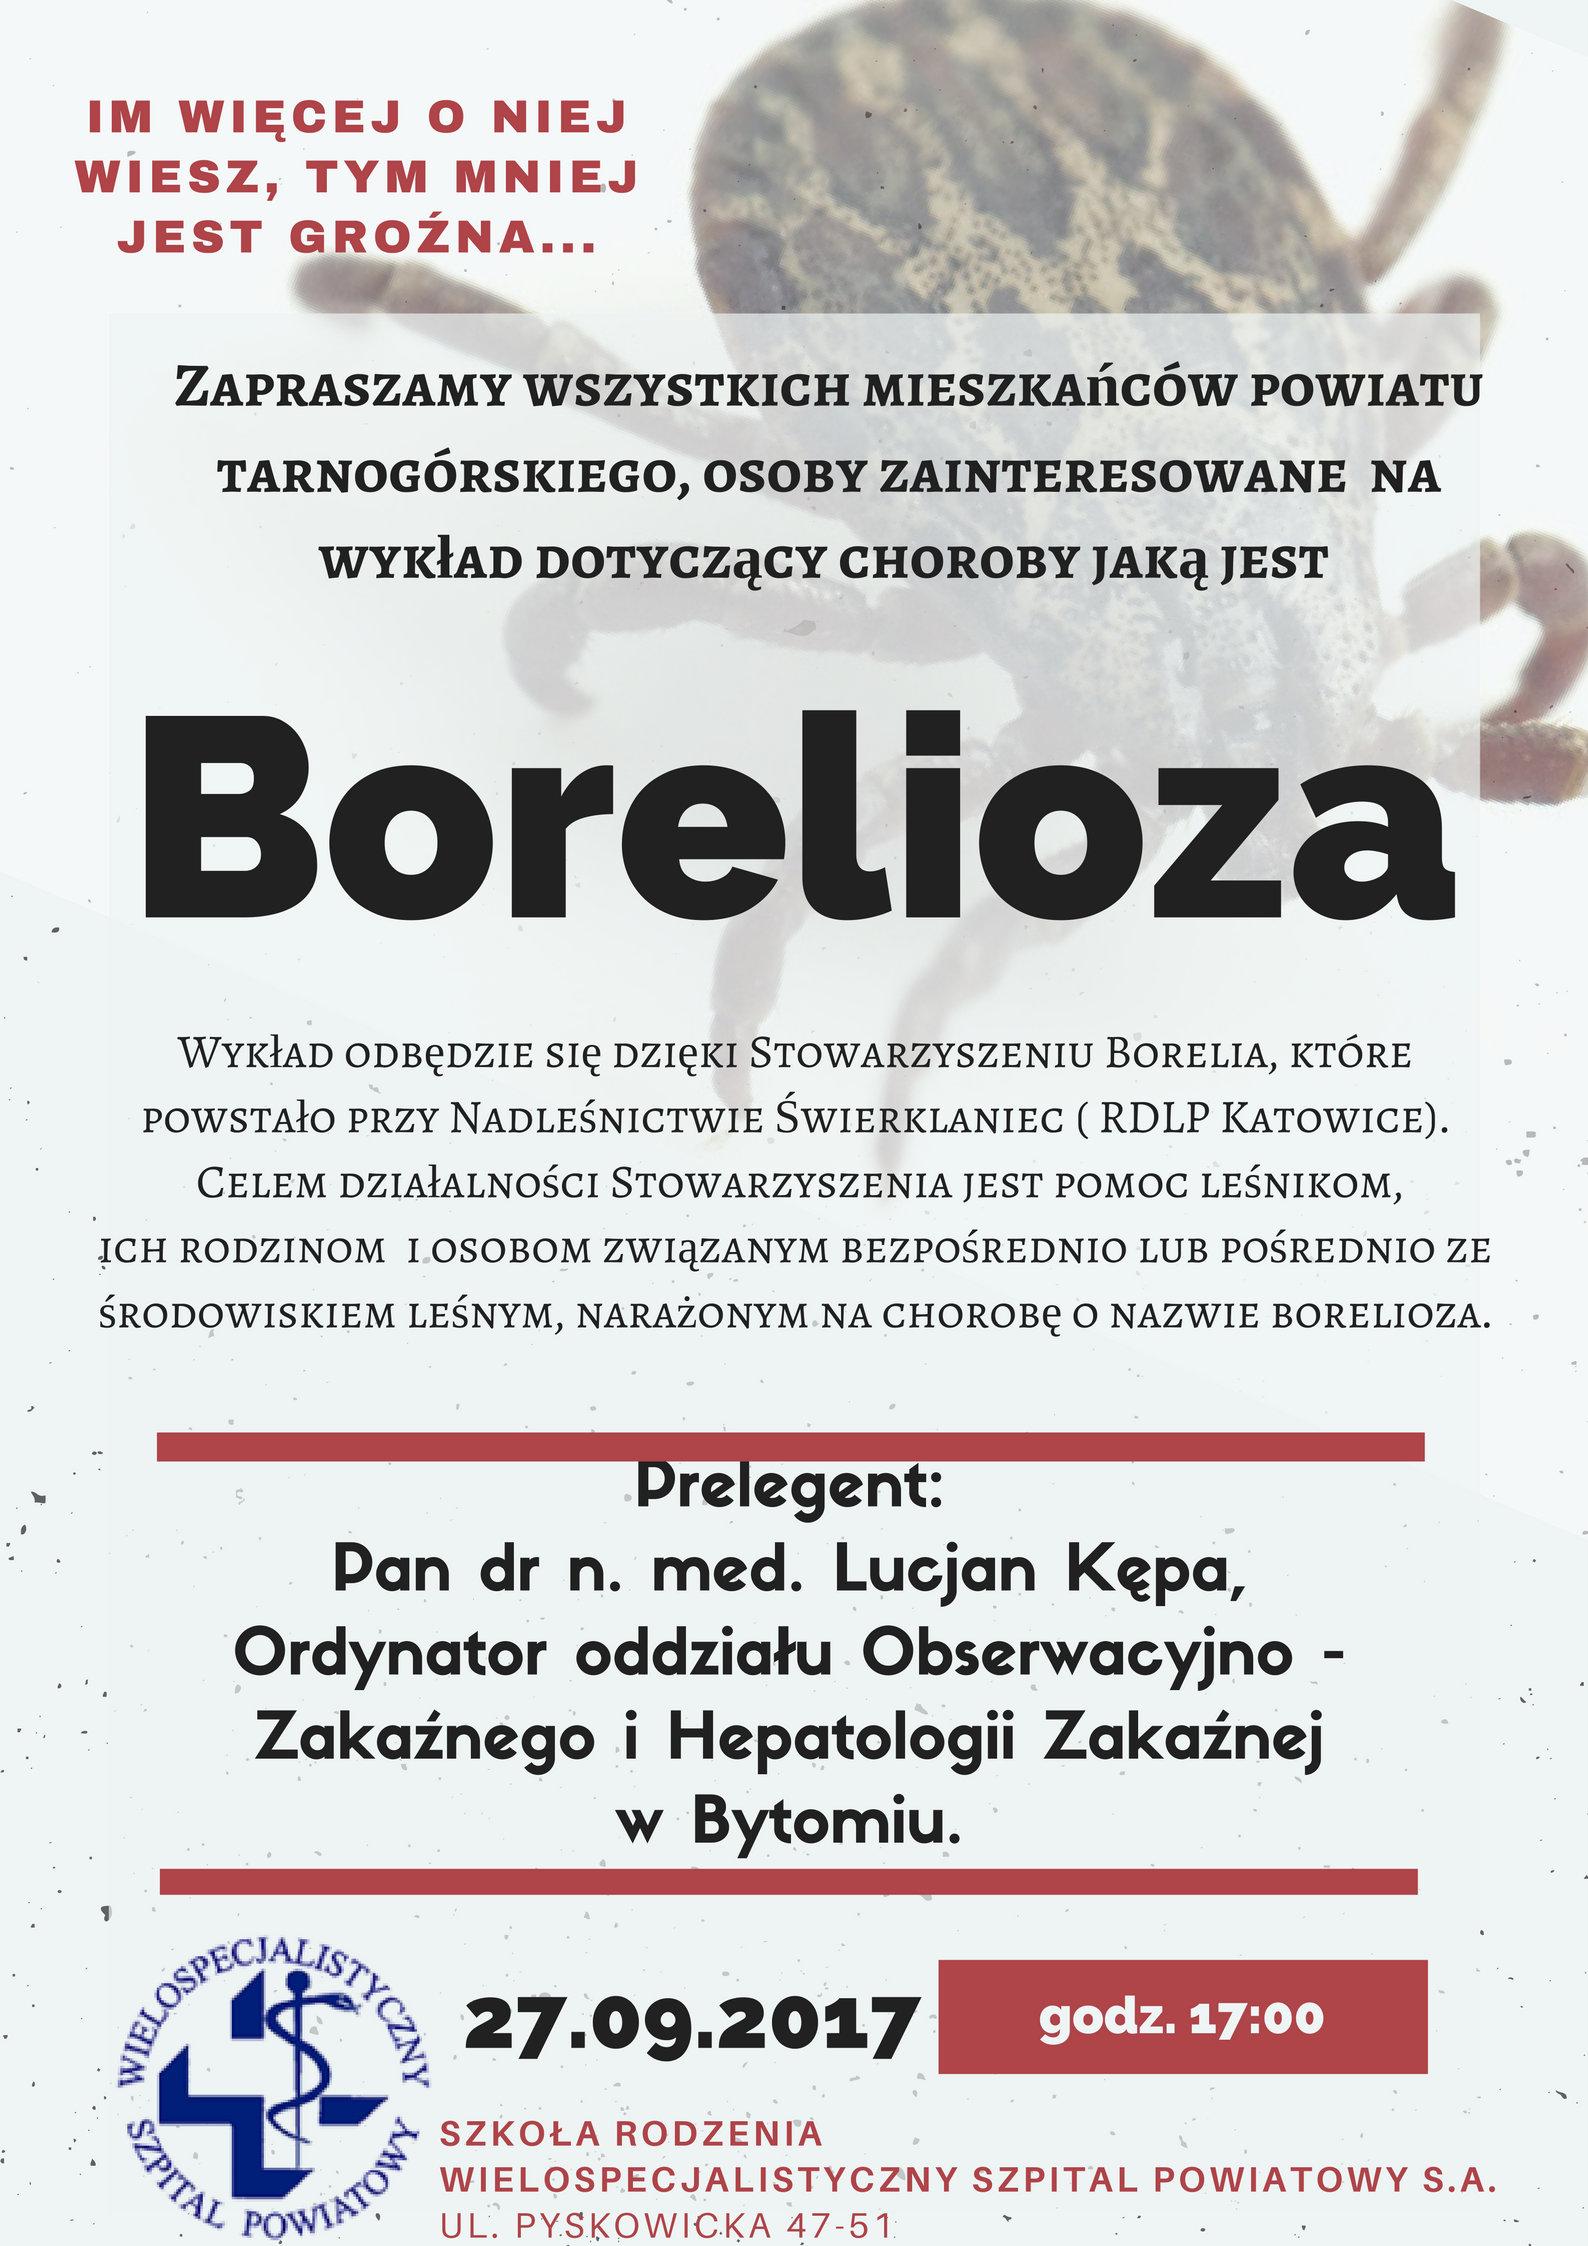 Borelioza – wykład o chorobie